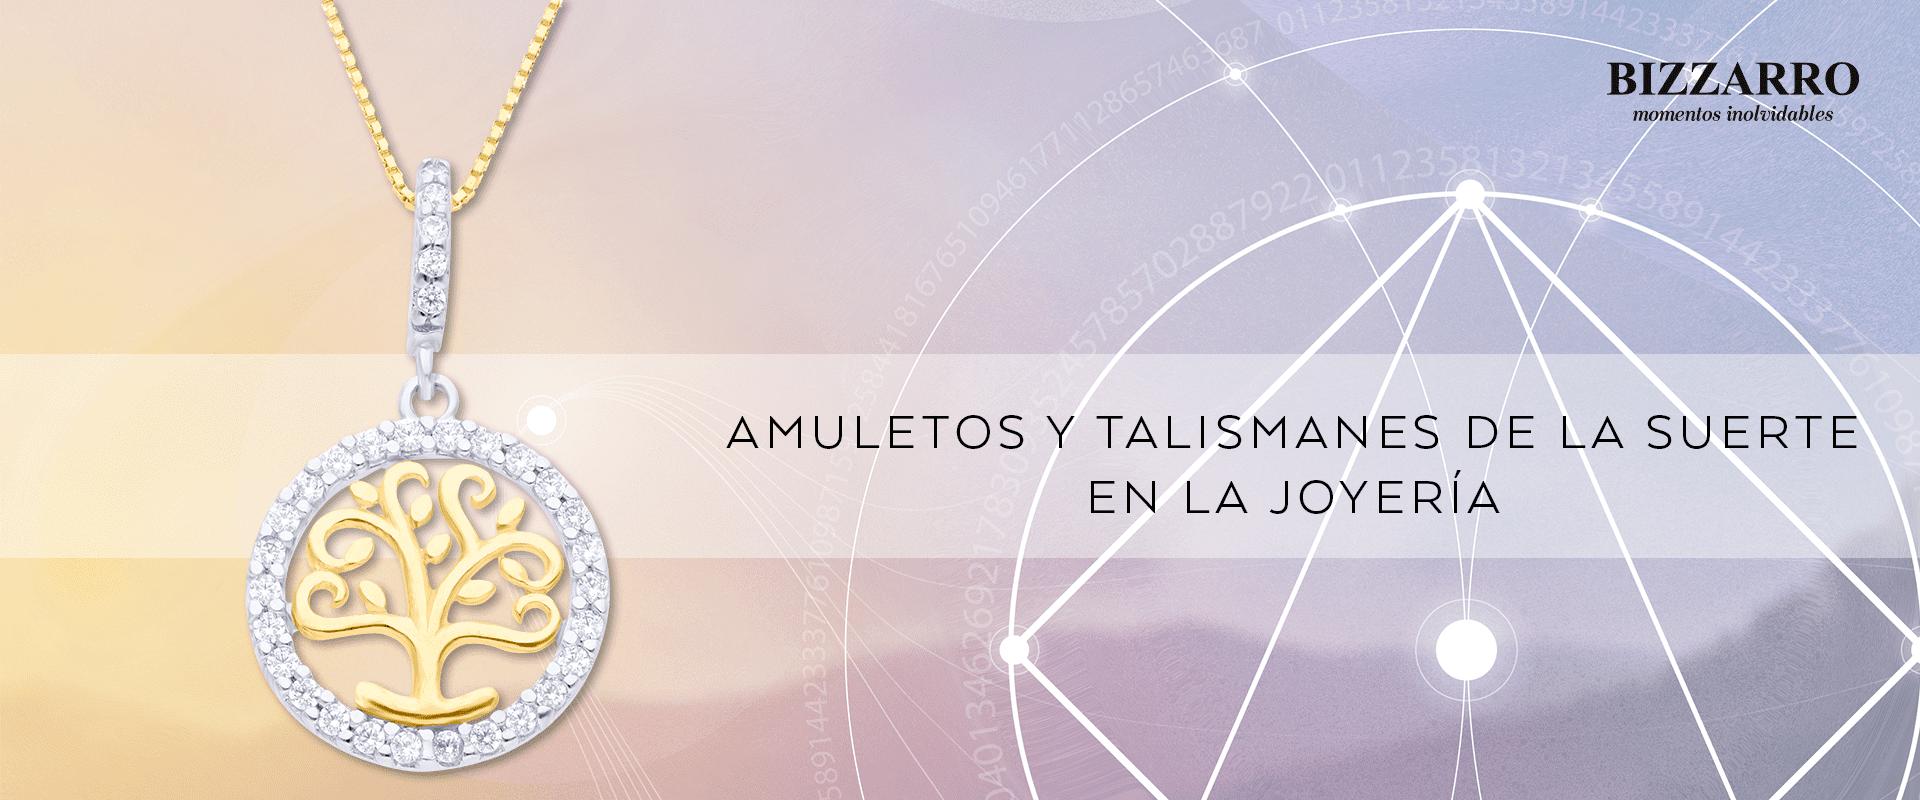 Amuletos y talismanes de la suerte en la joyería